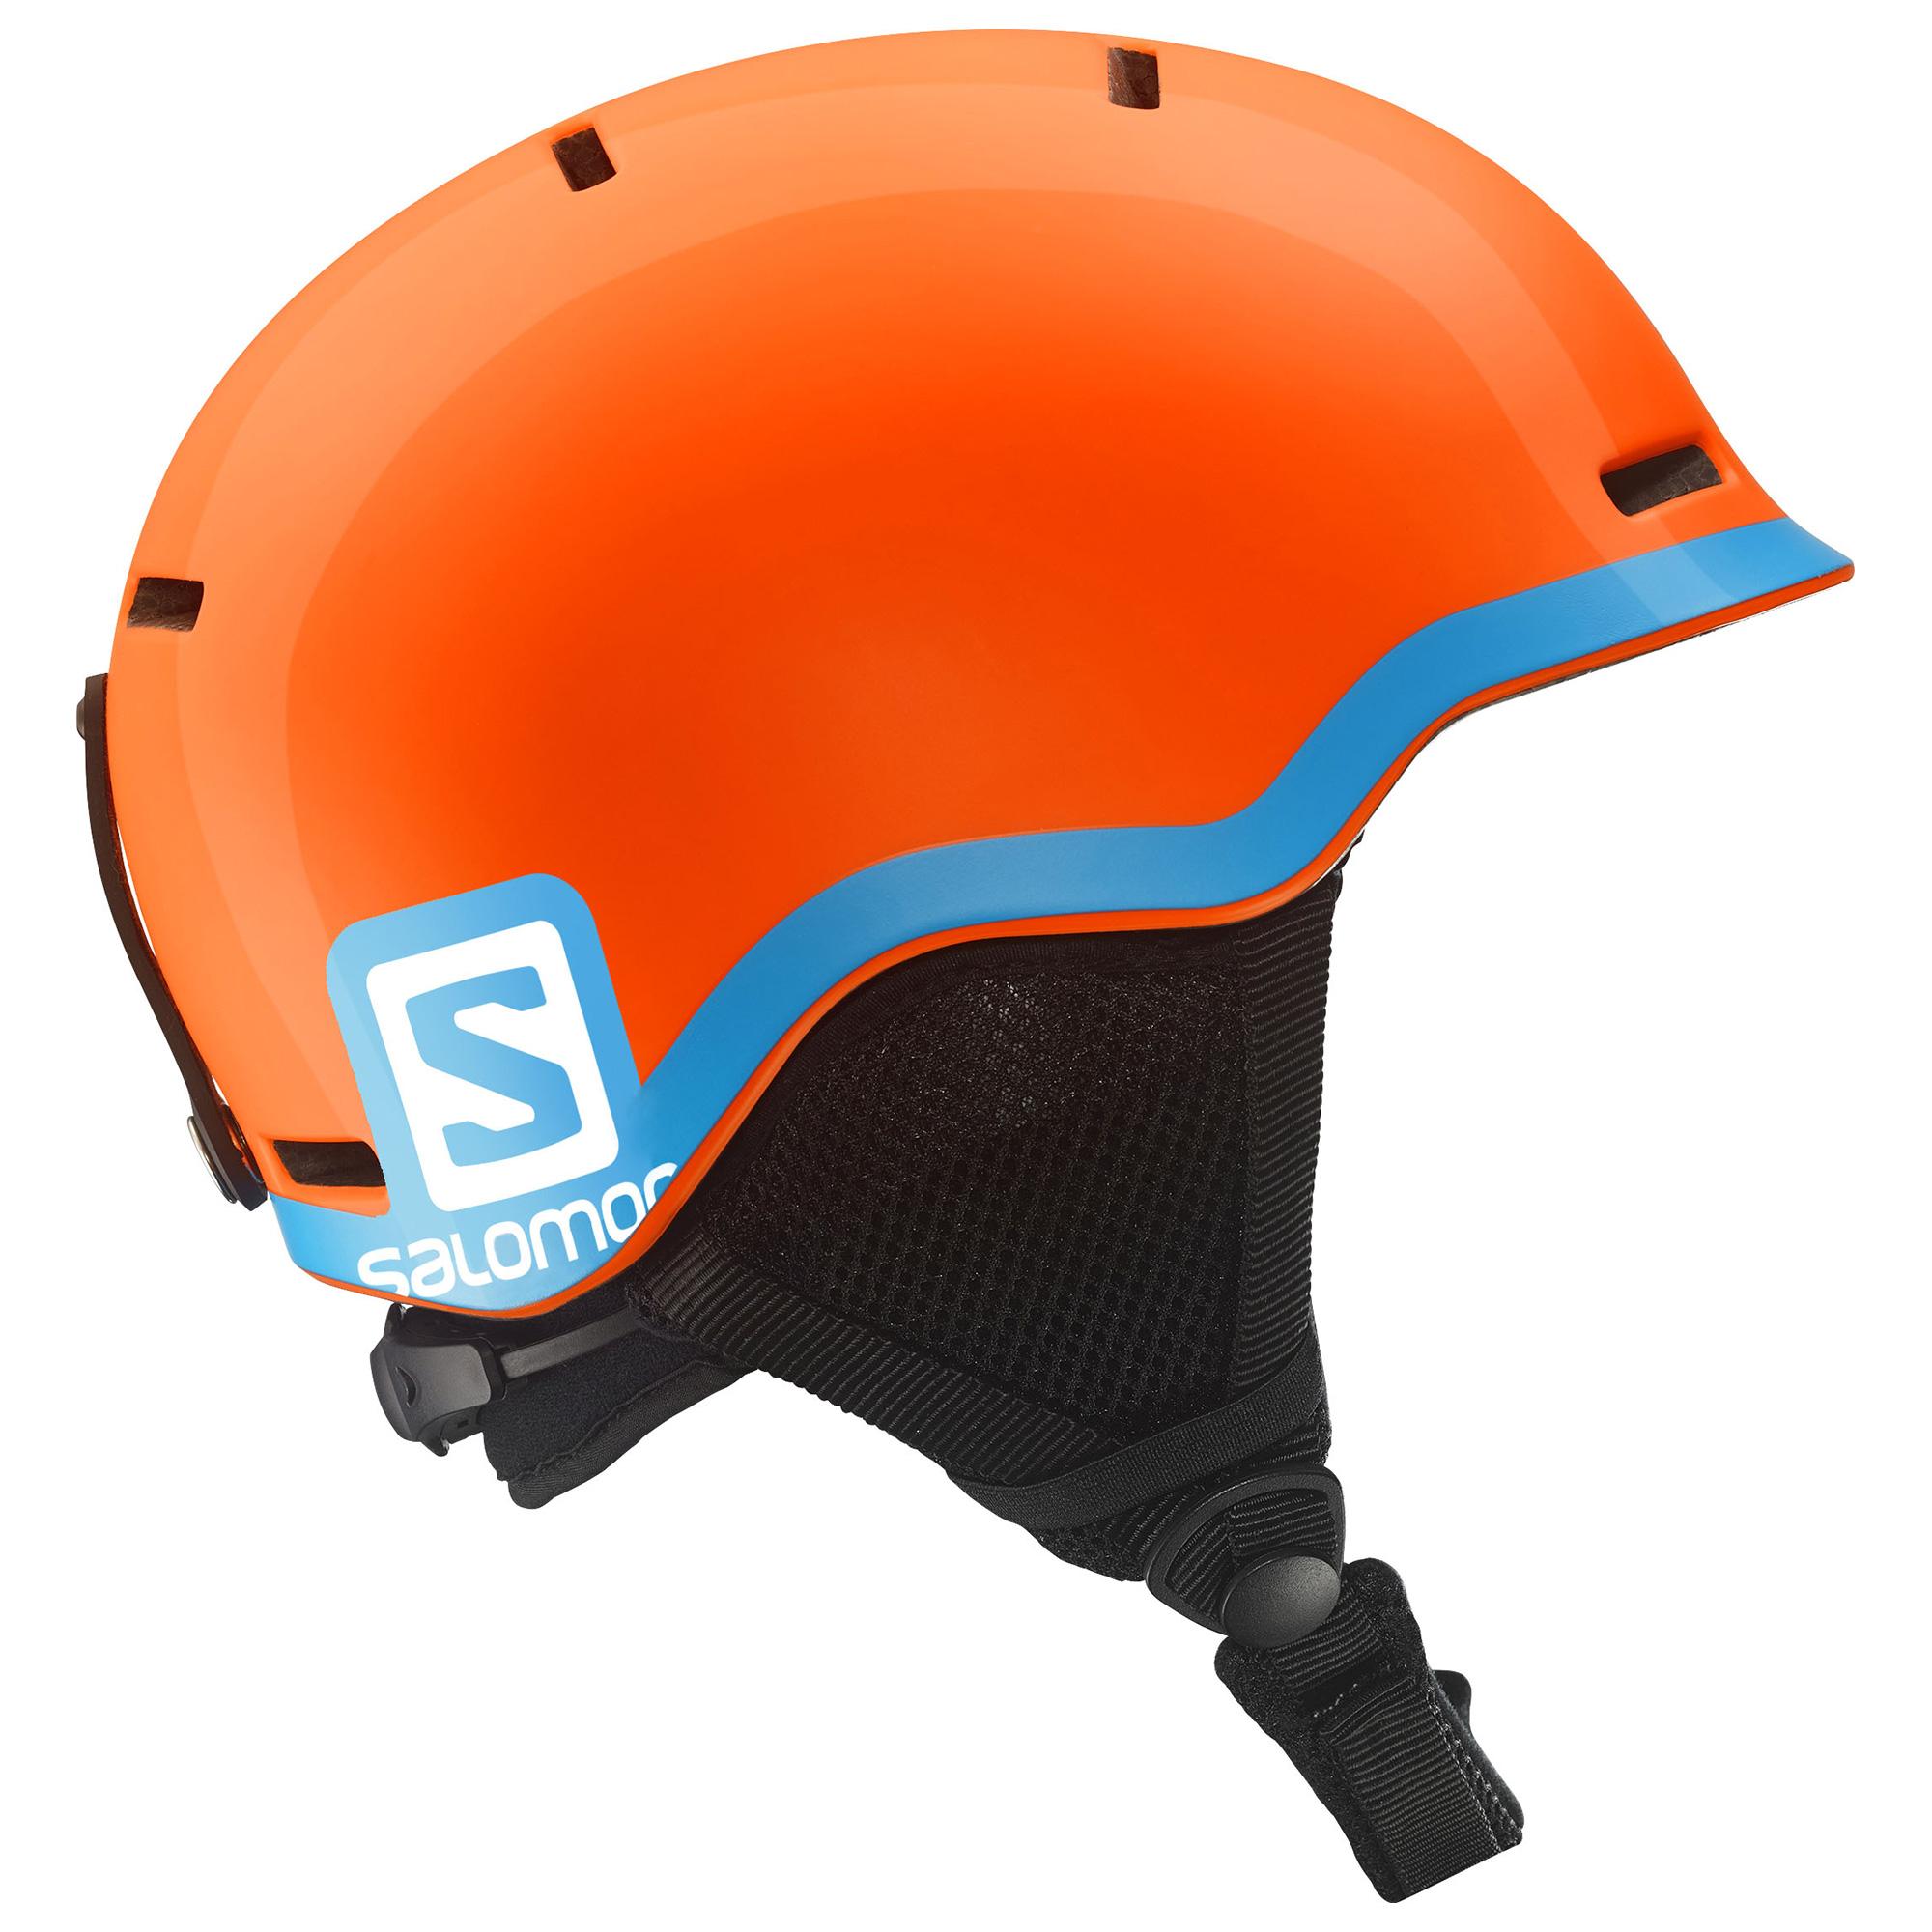 SALOMONのヘルメット